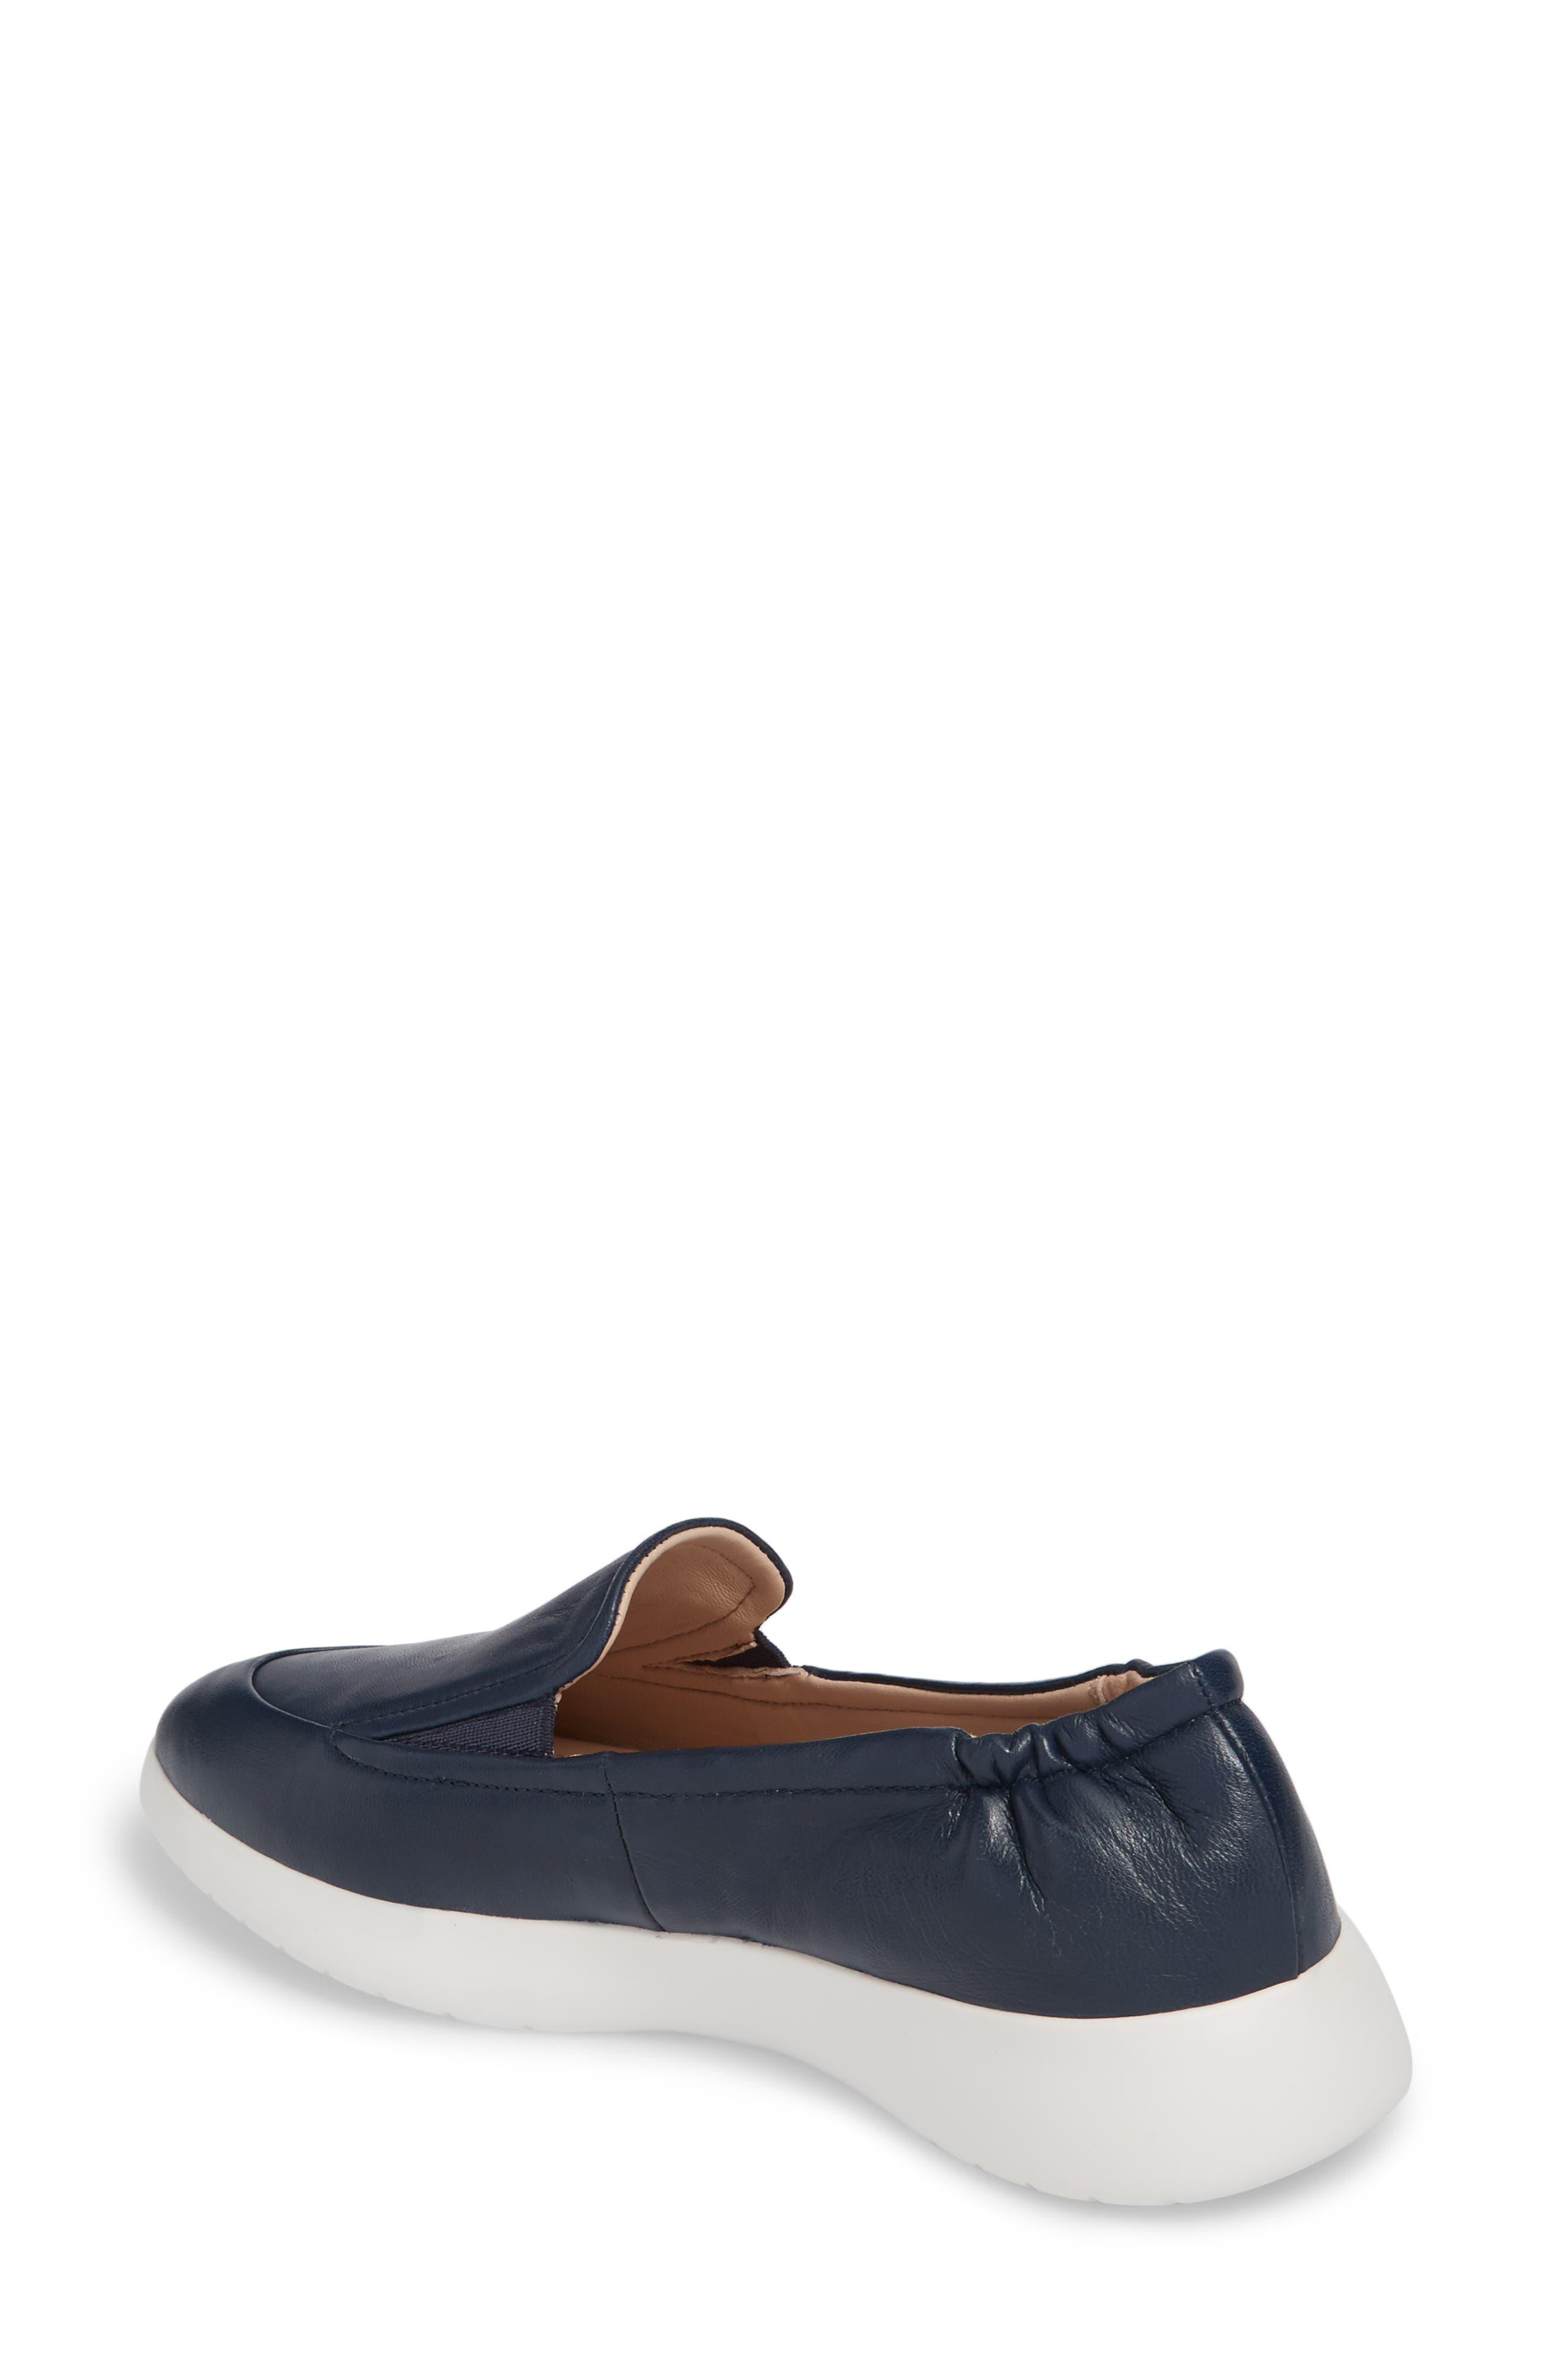 Dana Loafer Sneaker,                             Alternate thumbnail 2, color,                             Navy Leather